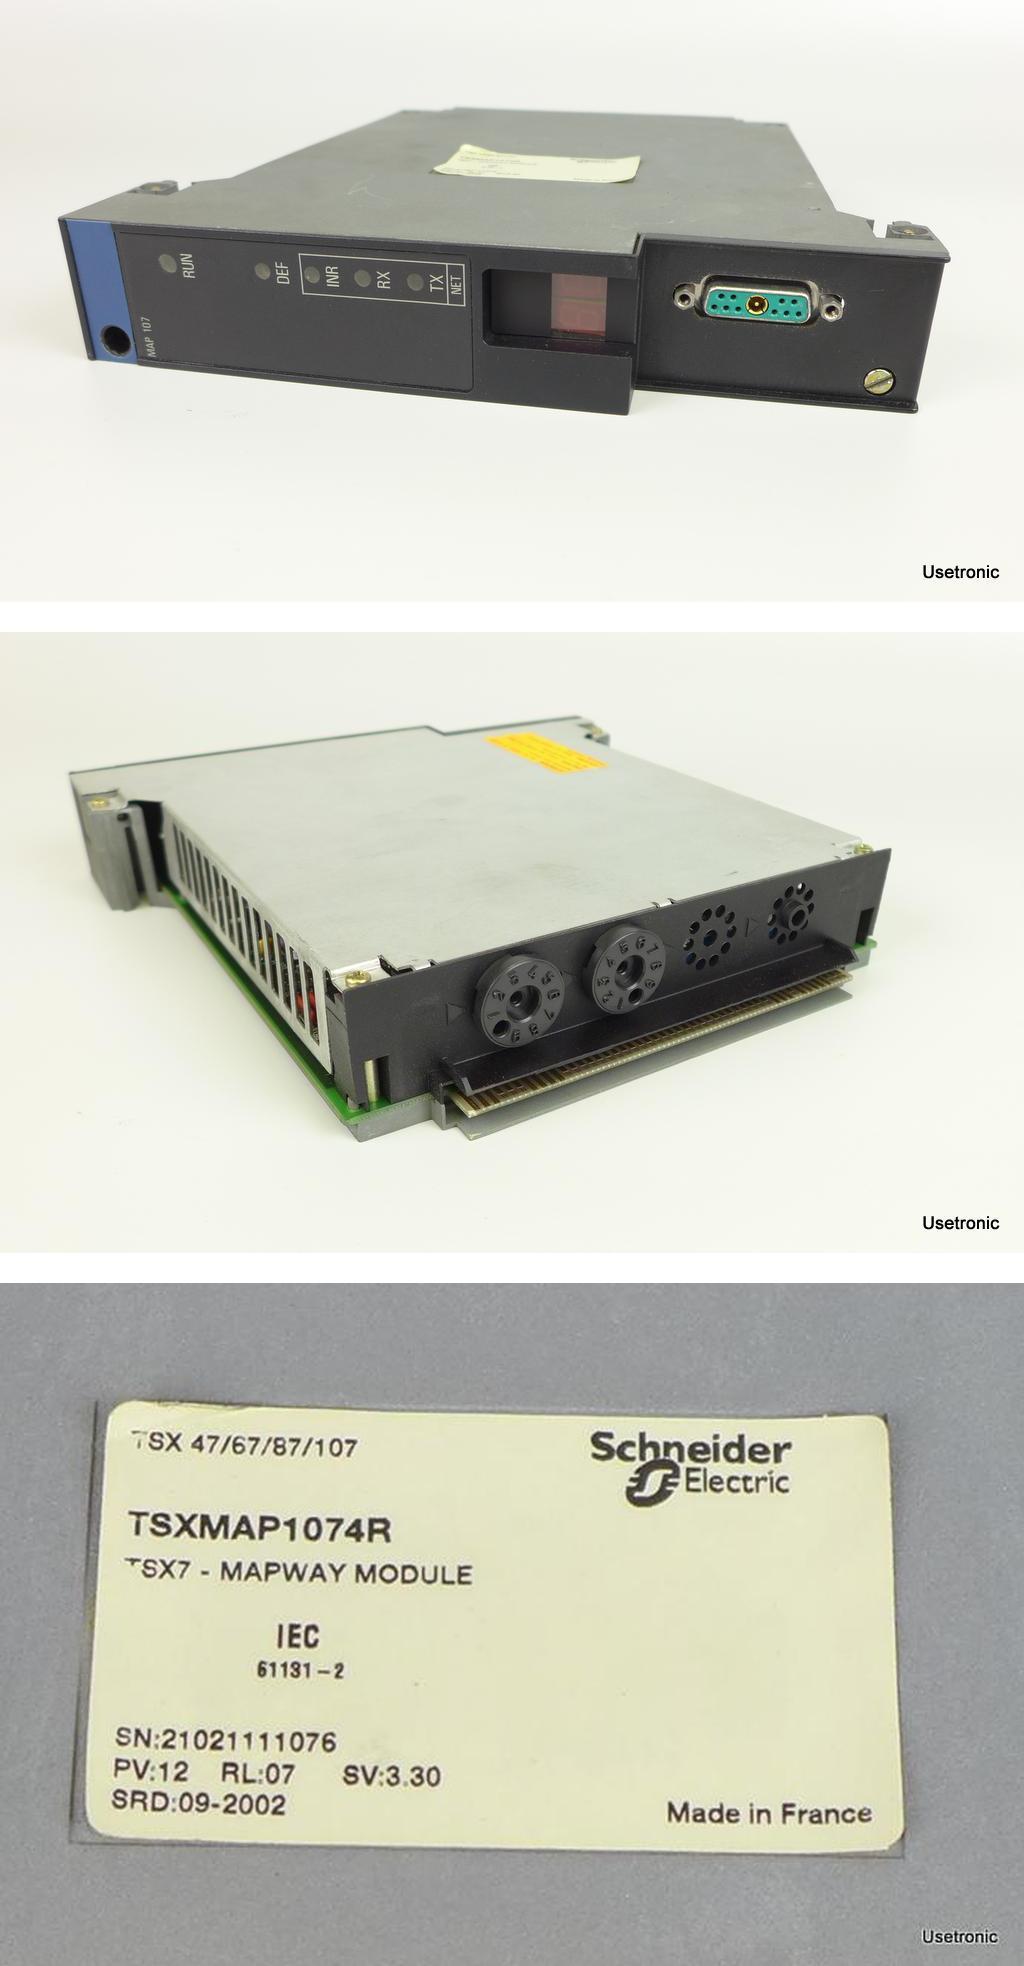 Schneider TSXMAP1074R